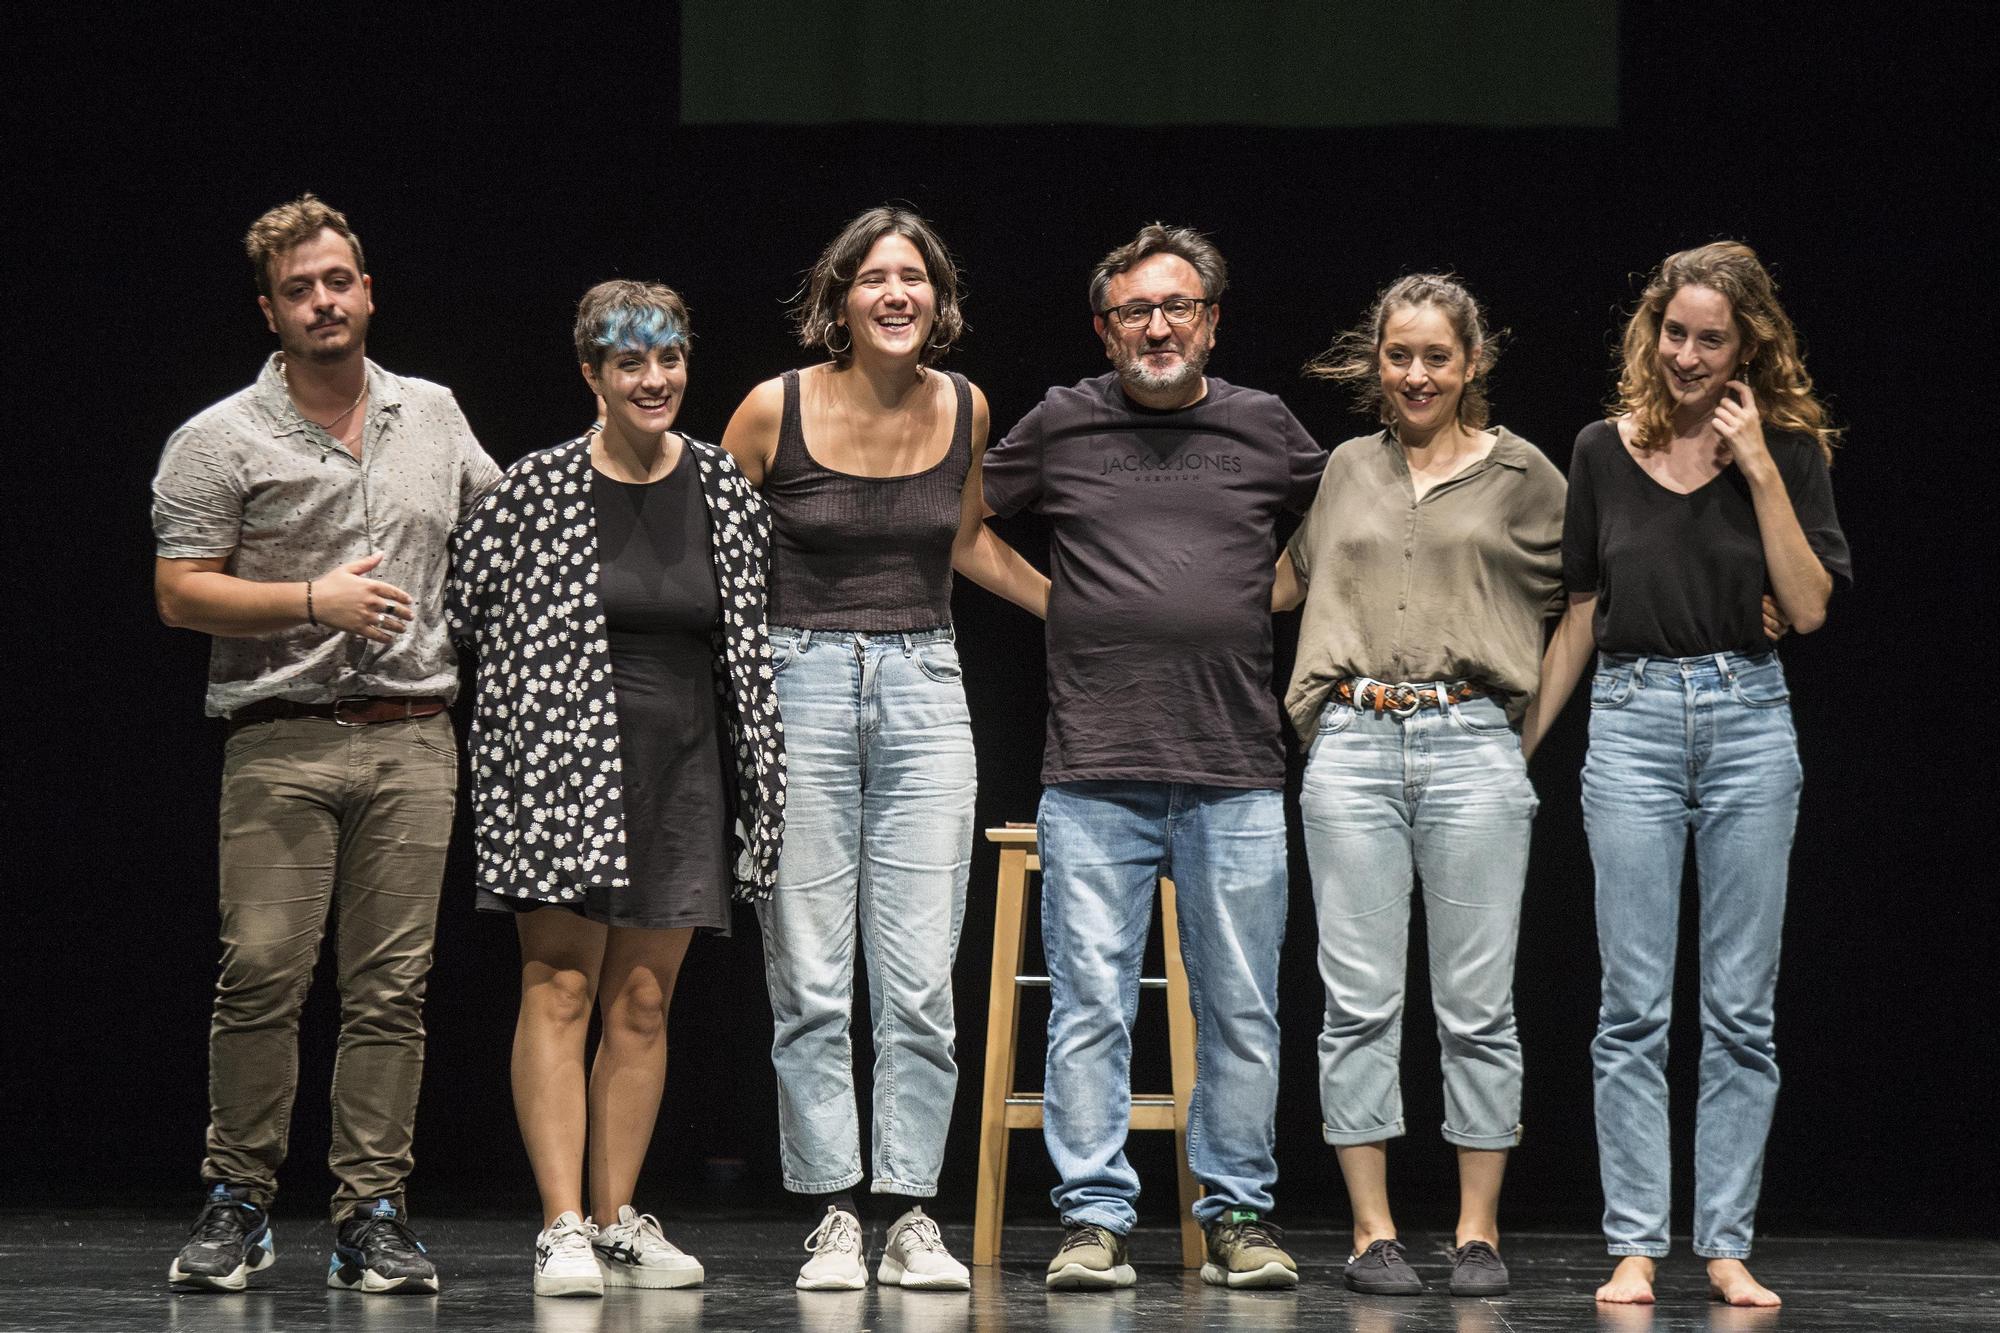 La XIV edició del Festival Còmic de Figueres